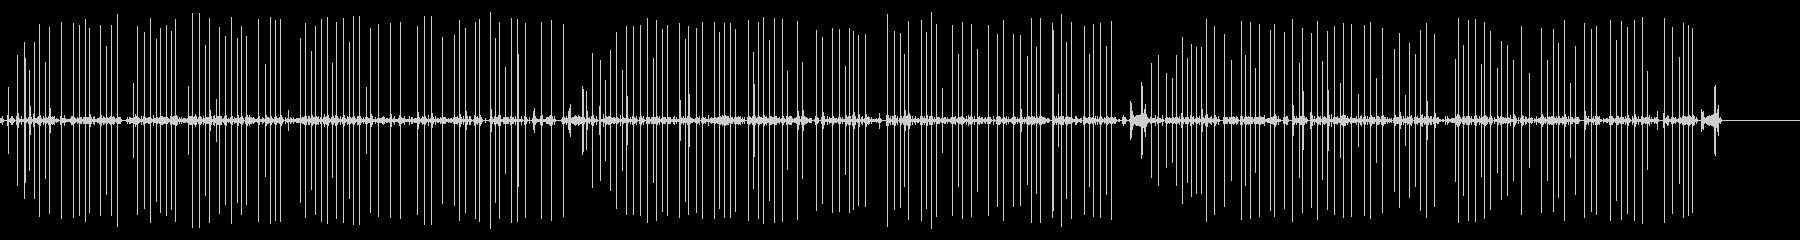 アンティーク:タイピング、オフィス...の未再生の波形